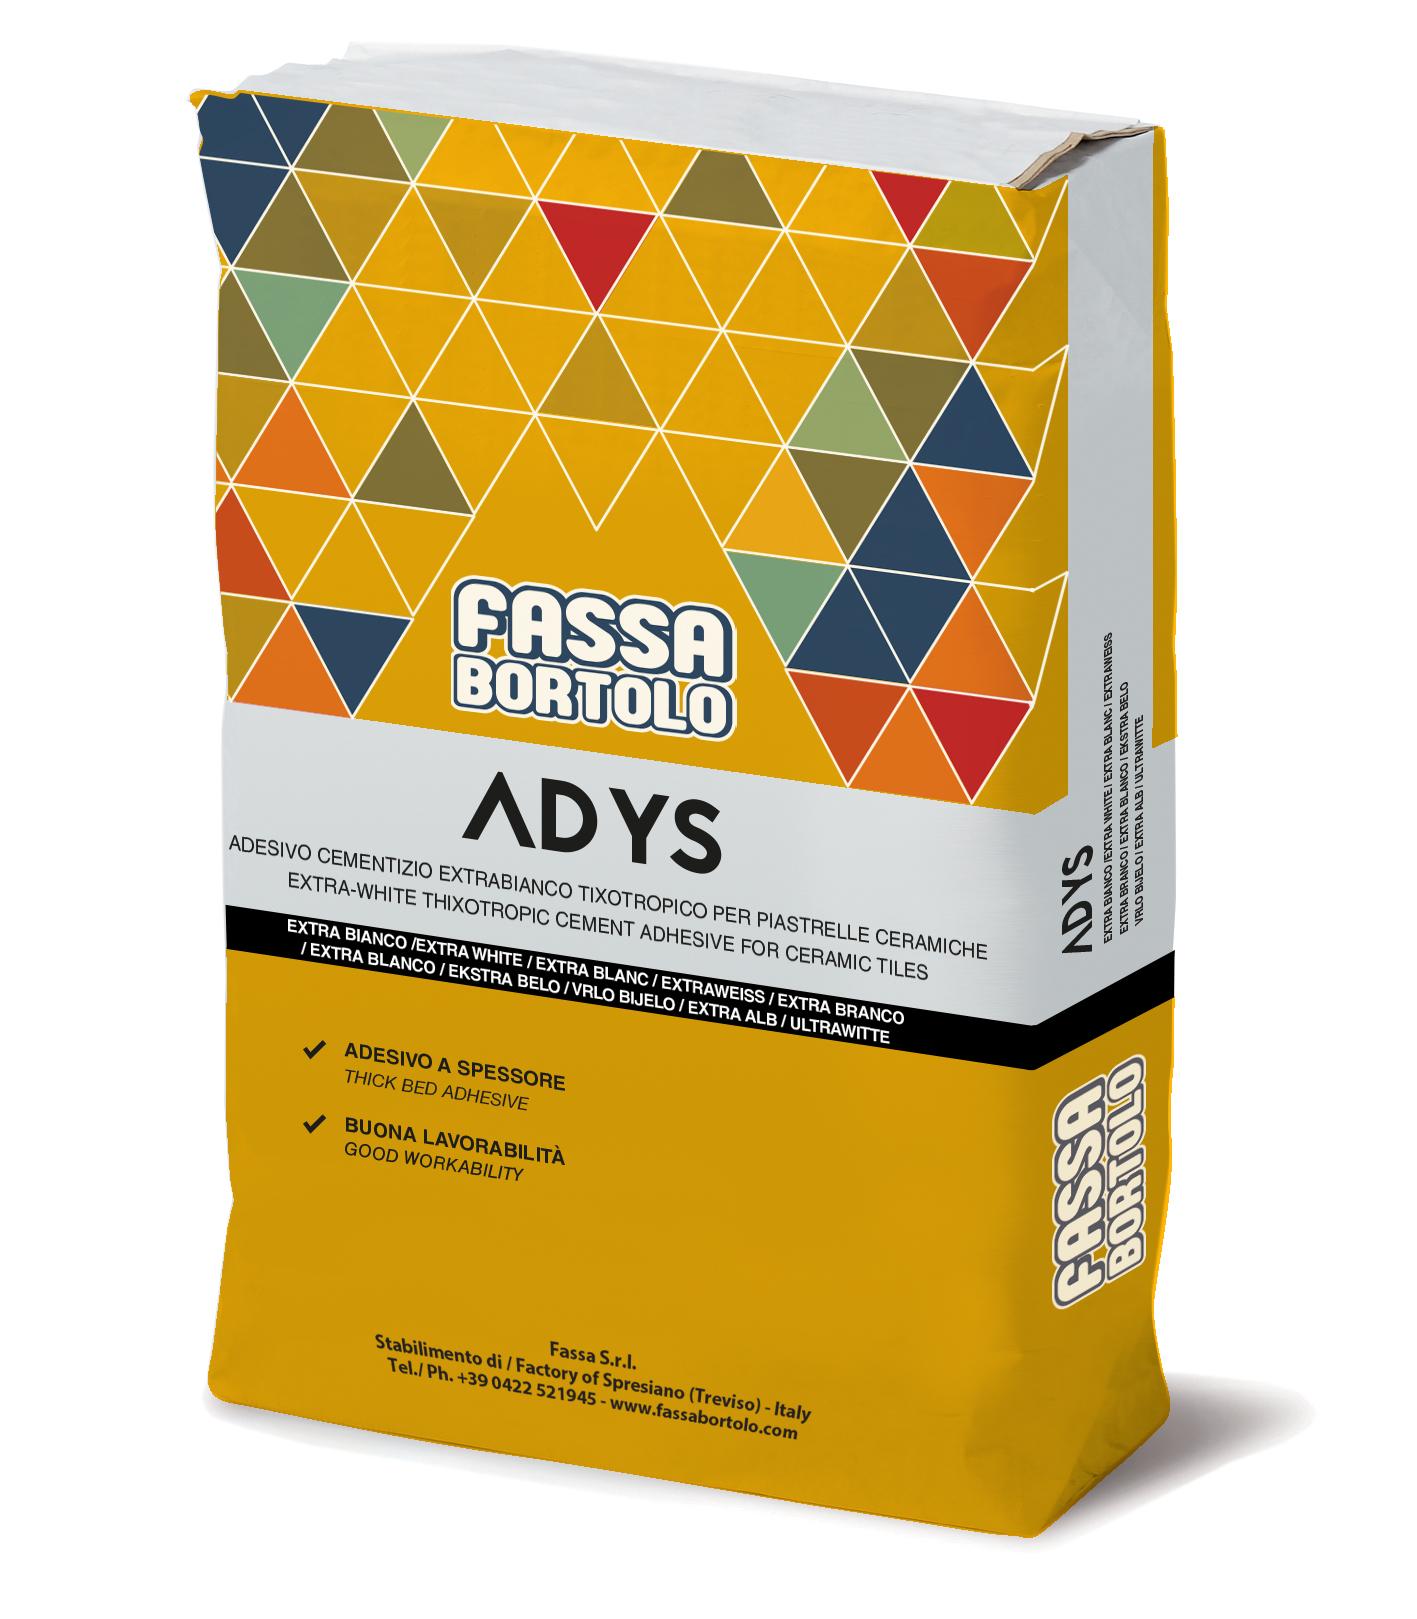 ADYS: Adesivo monocomponente extra-bianco e grigio per pavimenti e rivestimenti sia interni che esterni